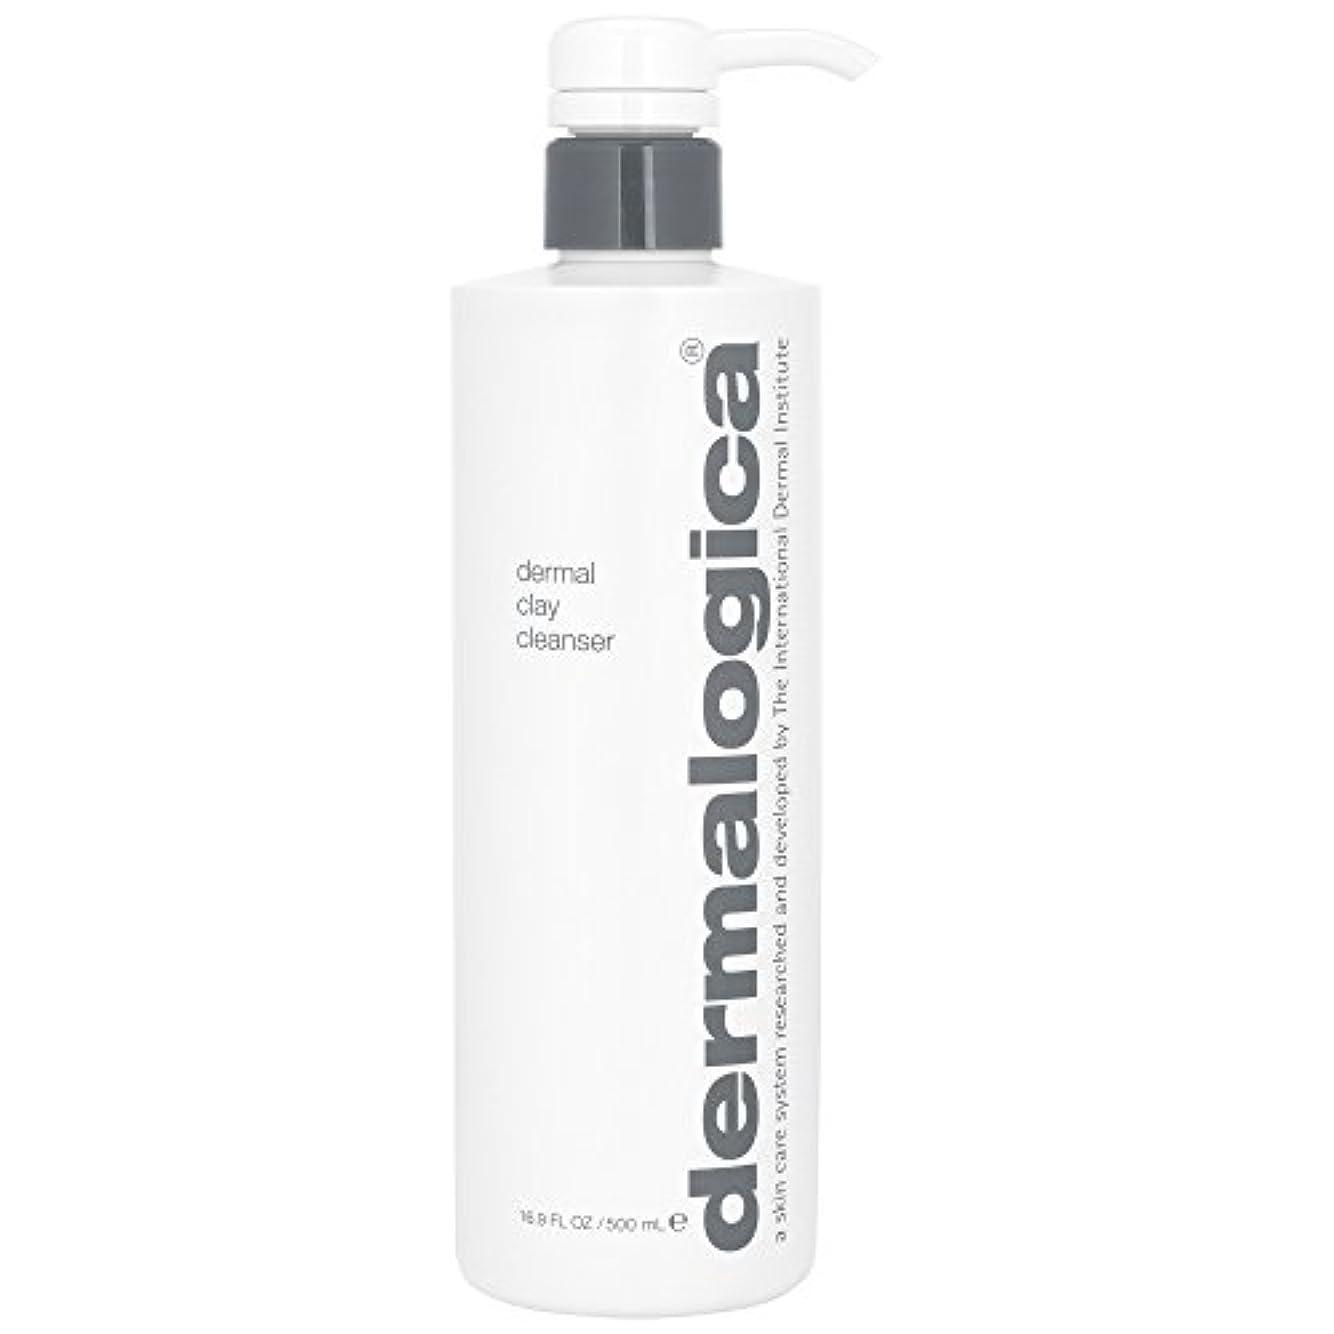 相続人起きている帝国ダーマロジカ真皮クレイクレンザー500ミリリットル (Dermalogica) (x6) - Dermalogica Dermal Clay Cleanser 500ml (Pack of 6) [並行輸入品]